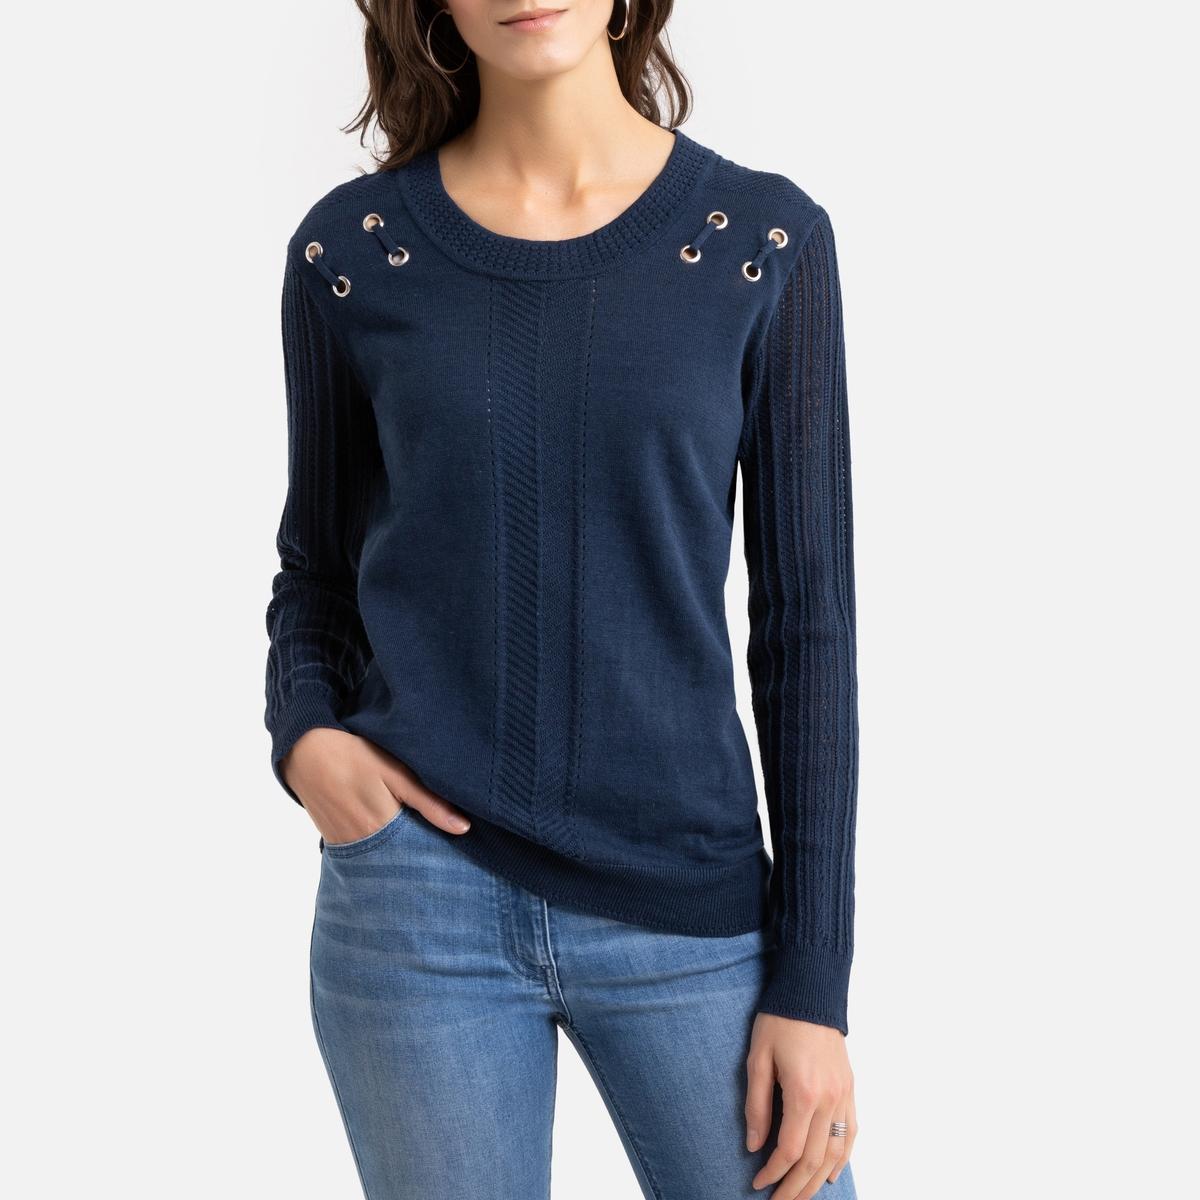 Пуловер La Redoute С круглым вырезом из тонкого трикотажа из льна и хлопка 46/48 (FR) - 52/54 (RUS) синий пуловер la redoute с капюшоном из тонкого трикотажа 42 44 fr 48 50 rus красный